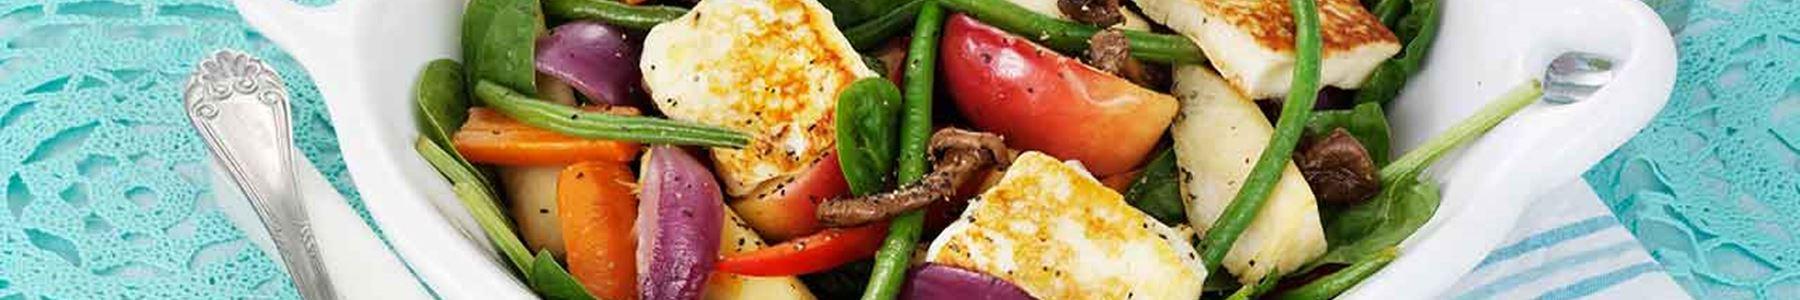 Svamp + Lunch + Sallad